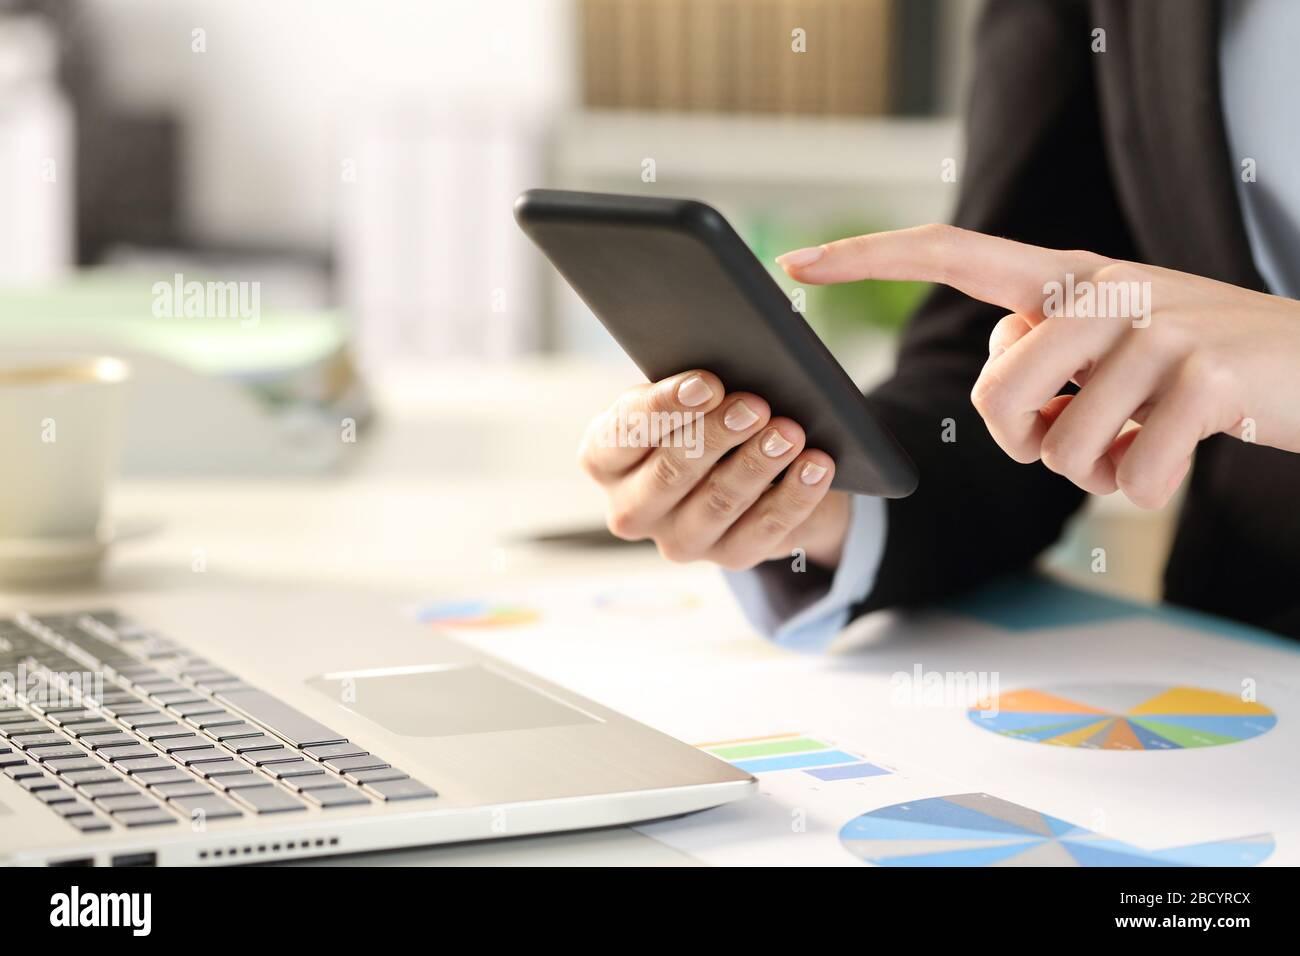 Gros plan sur les mains des femmes d'affaires qui vérifient le smartphone sur un bureau Banque D'Images